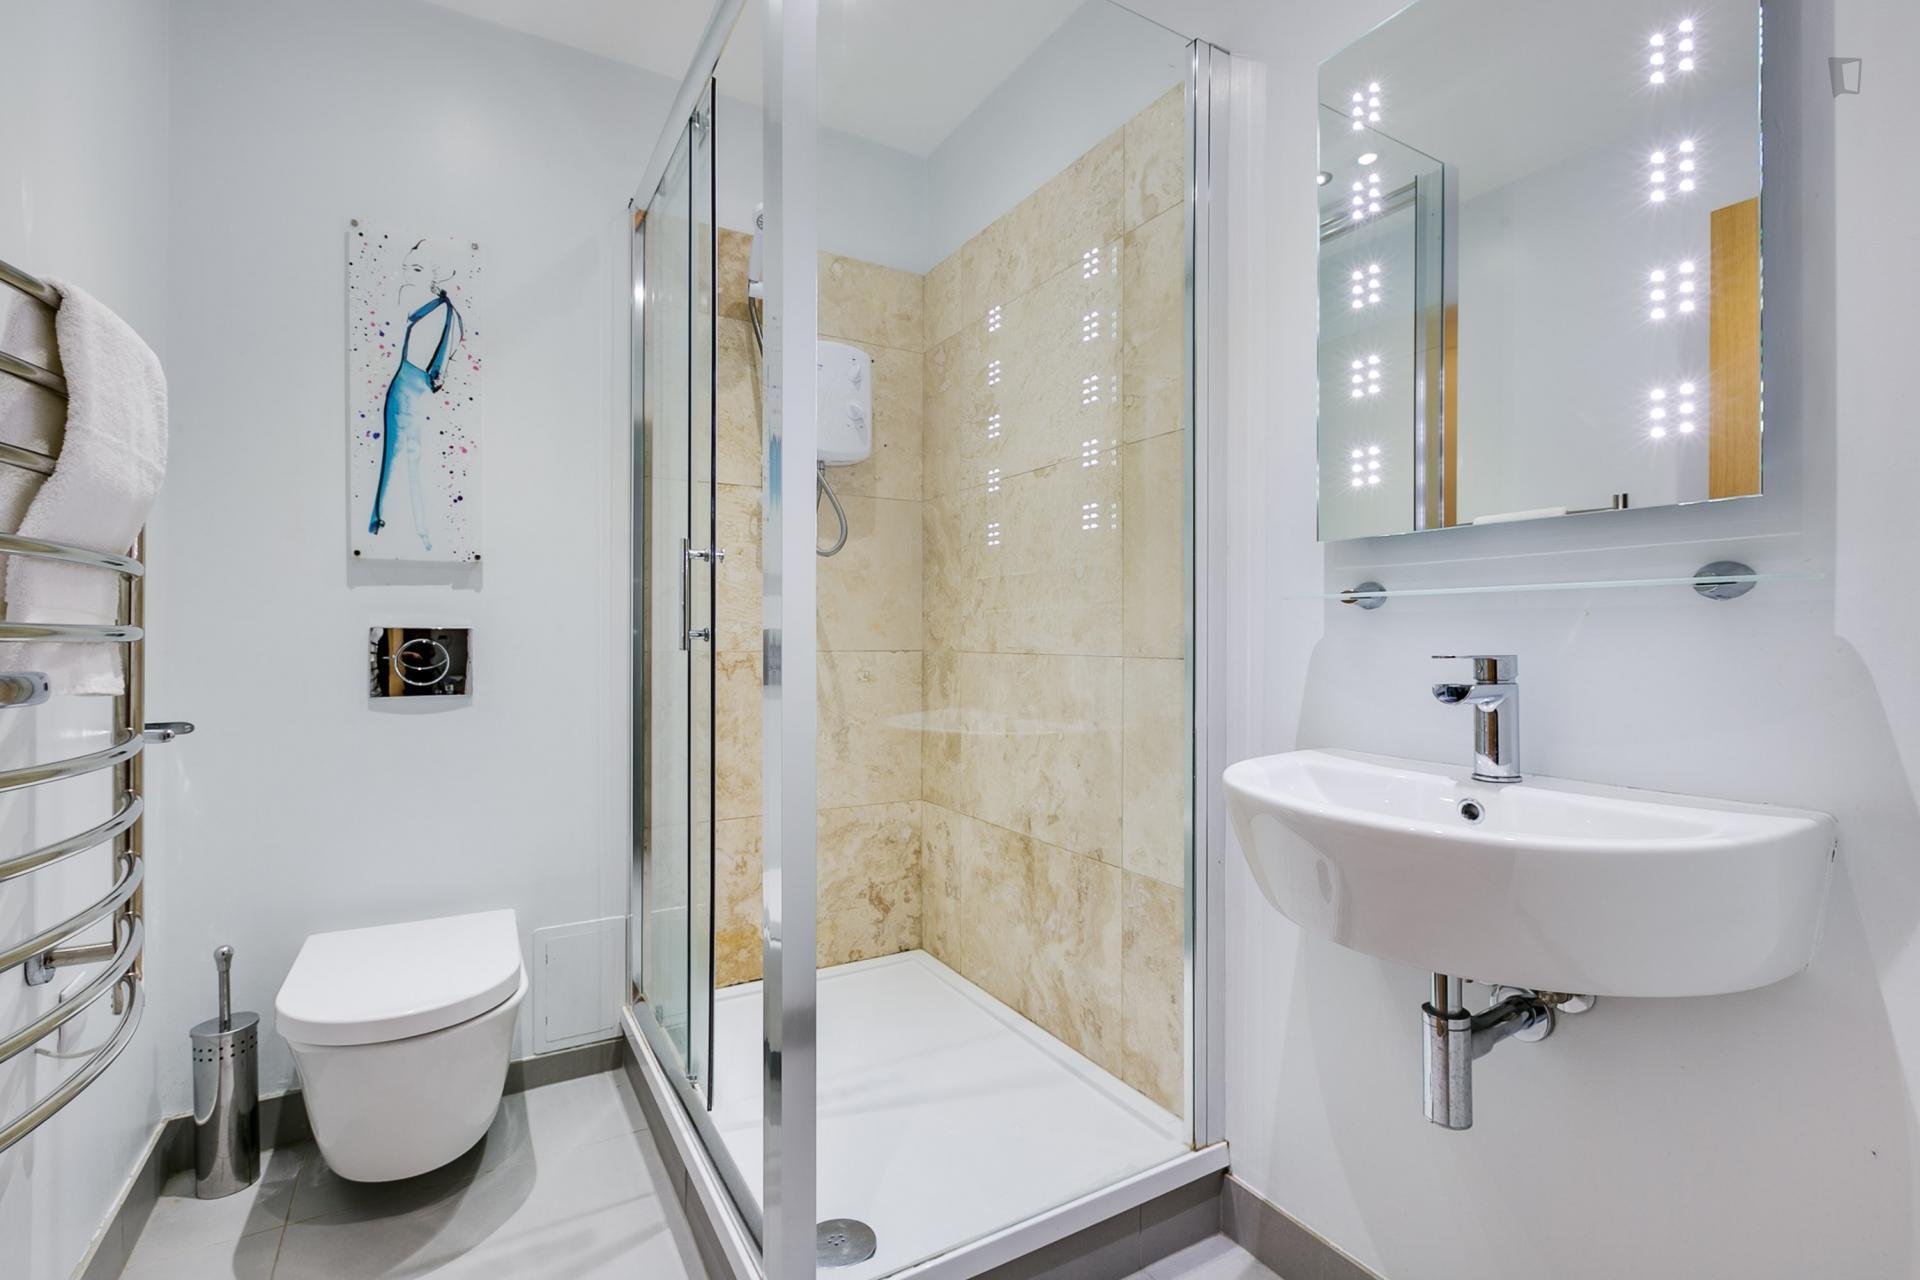 Shoreditch 2 - Piso de dos dormitorios en Londres